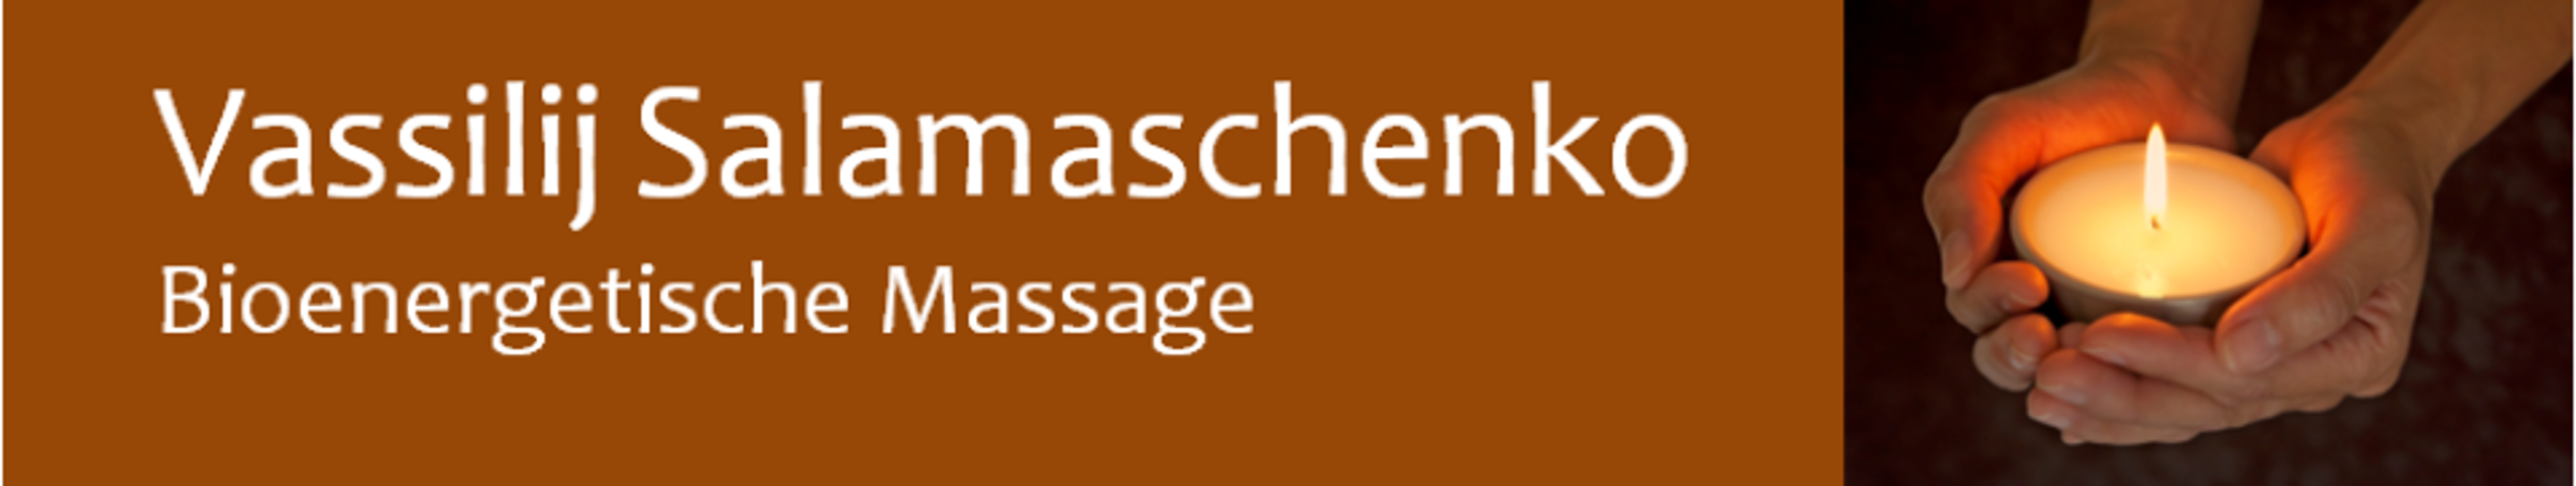 Bild zu Massagestudio Vassilij Salamashenko Bioenergetische Massage in Nürnberg